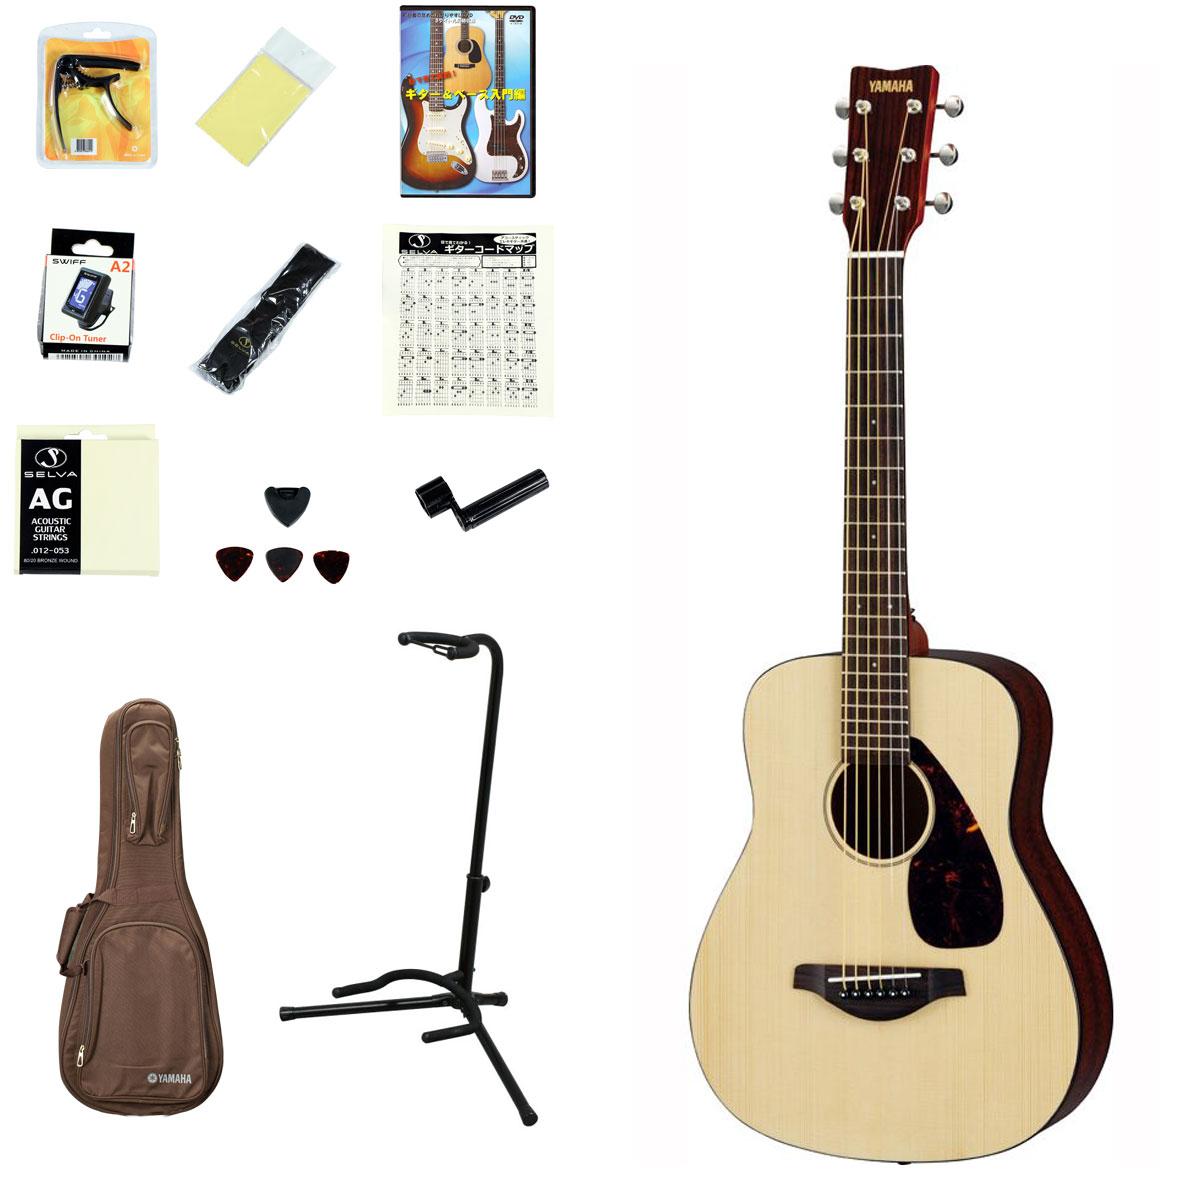 YAMAHA / JR2S NT(ナチュラル) 【ミニギター14点入門セット!】 ヤマハ アコースティックギター アコギ JR-2S【YRK】